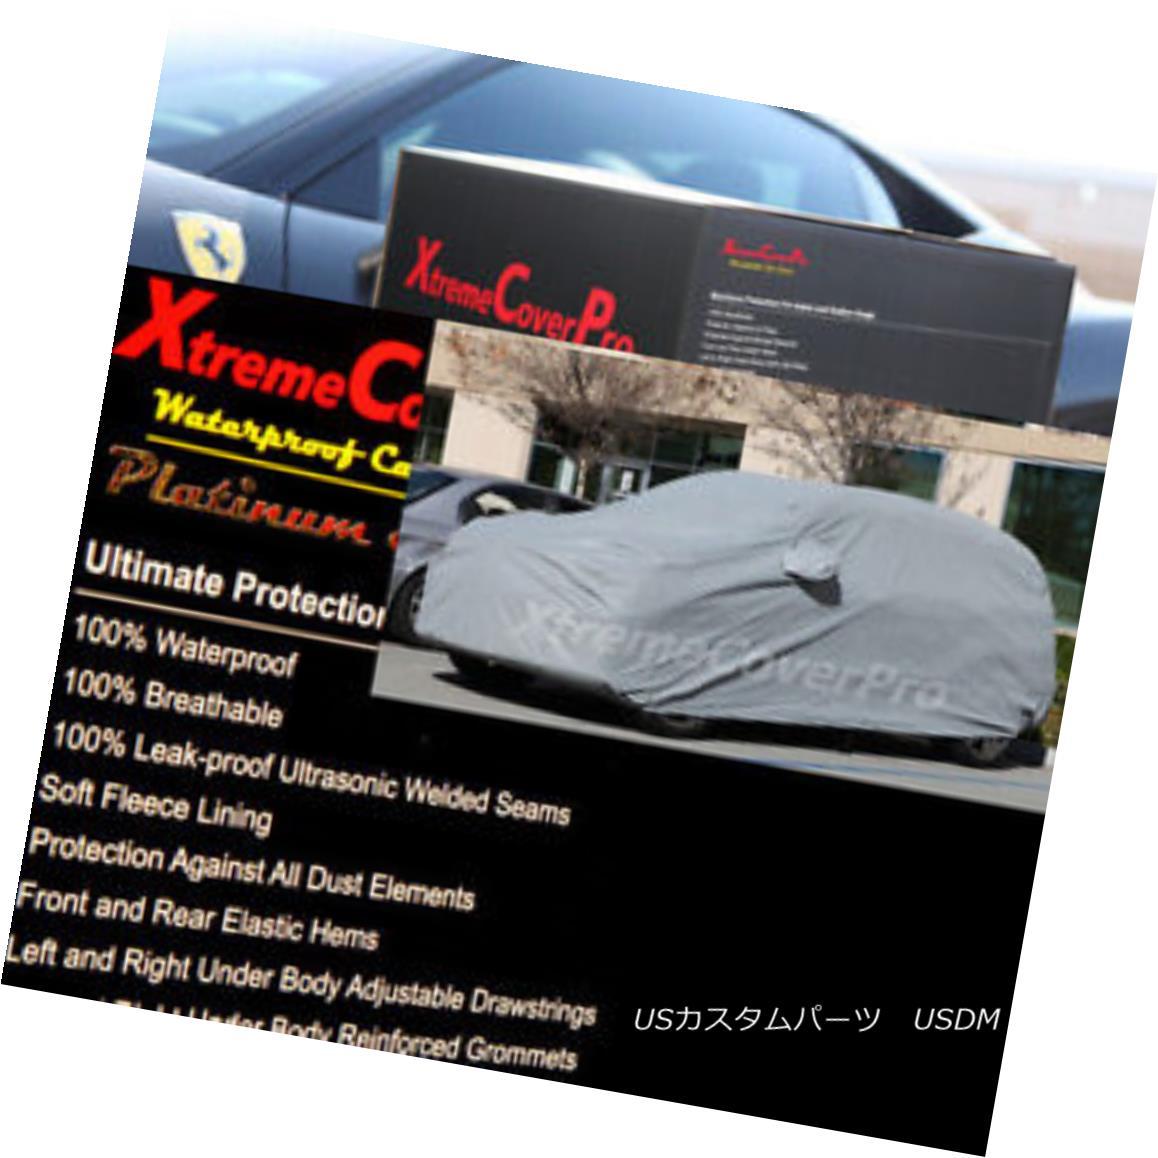 カーカバー 2015 FORD EXPEDITION EL LWB Waterproof Car Cover w/Mirror Pockets - Gray 2015 FORD EXPEDITION EL LWBミラーポケット付き防水カーカバー - グレー